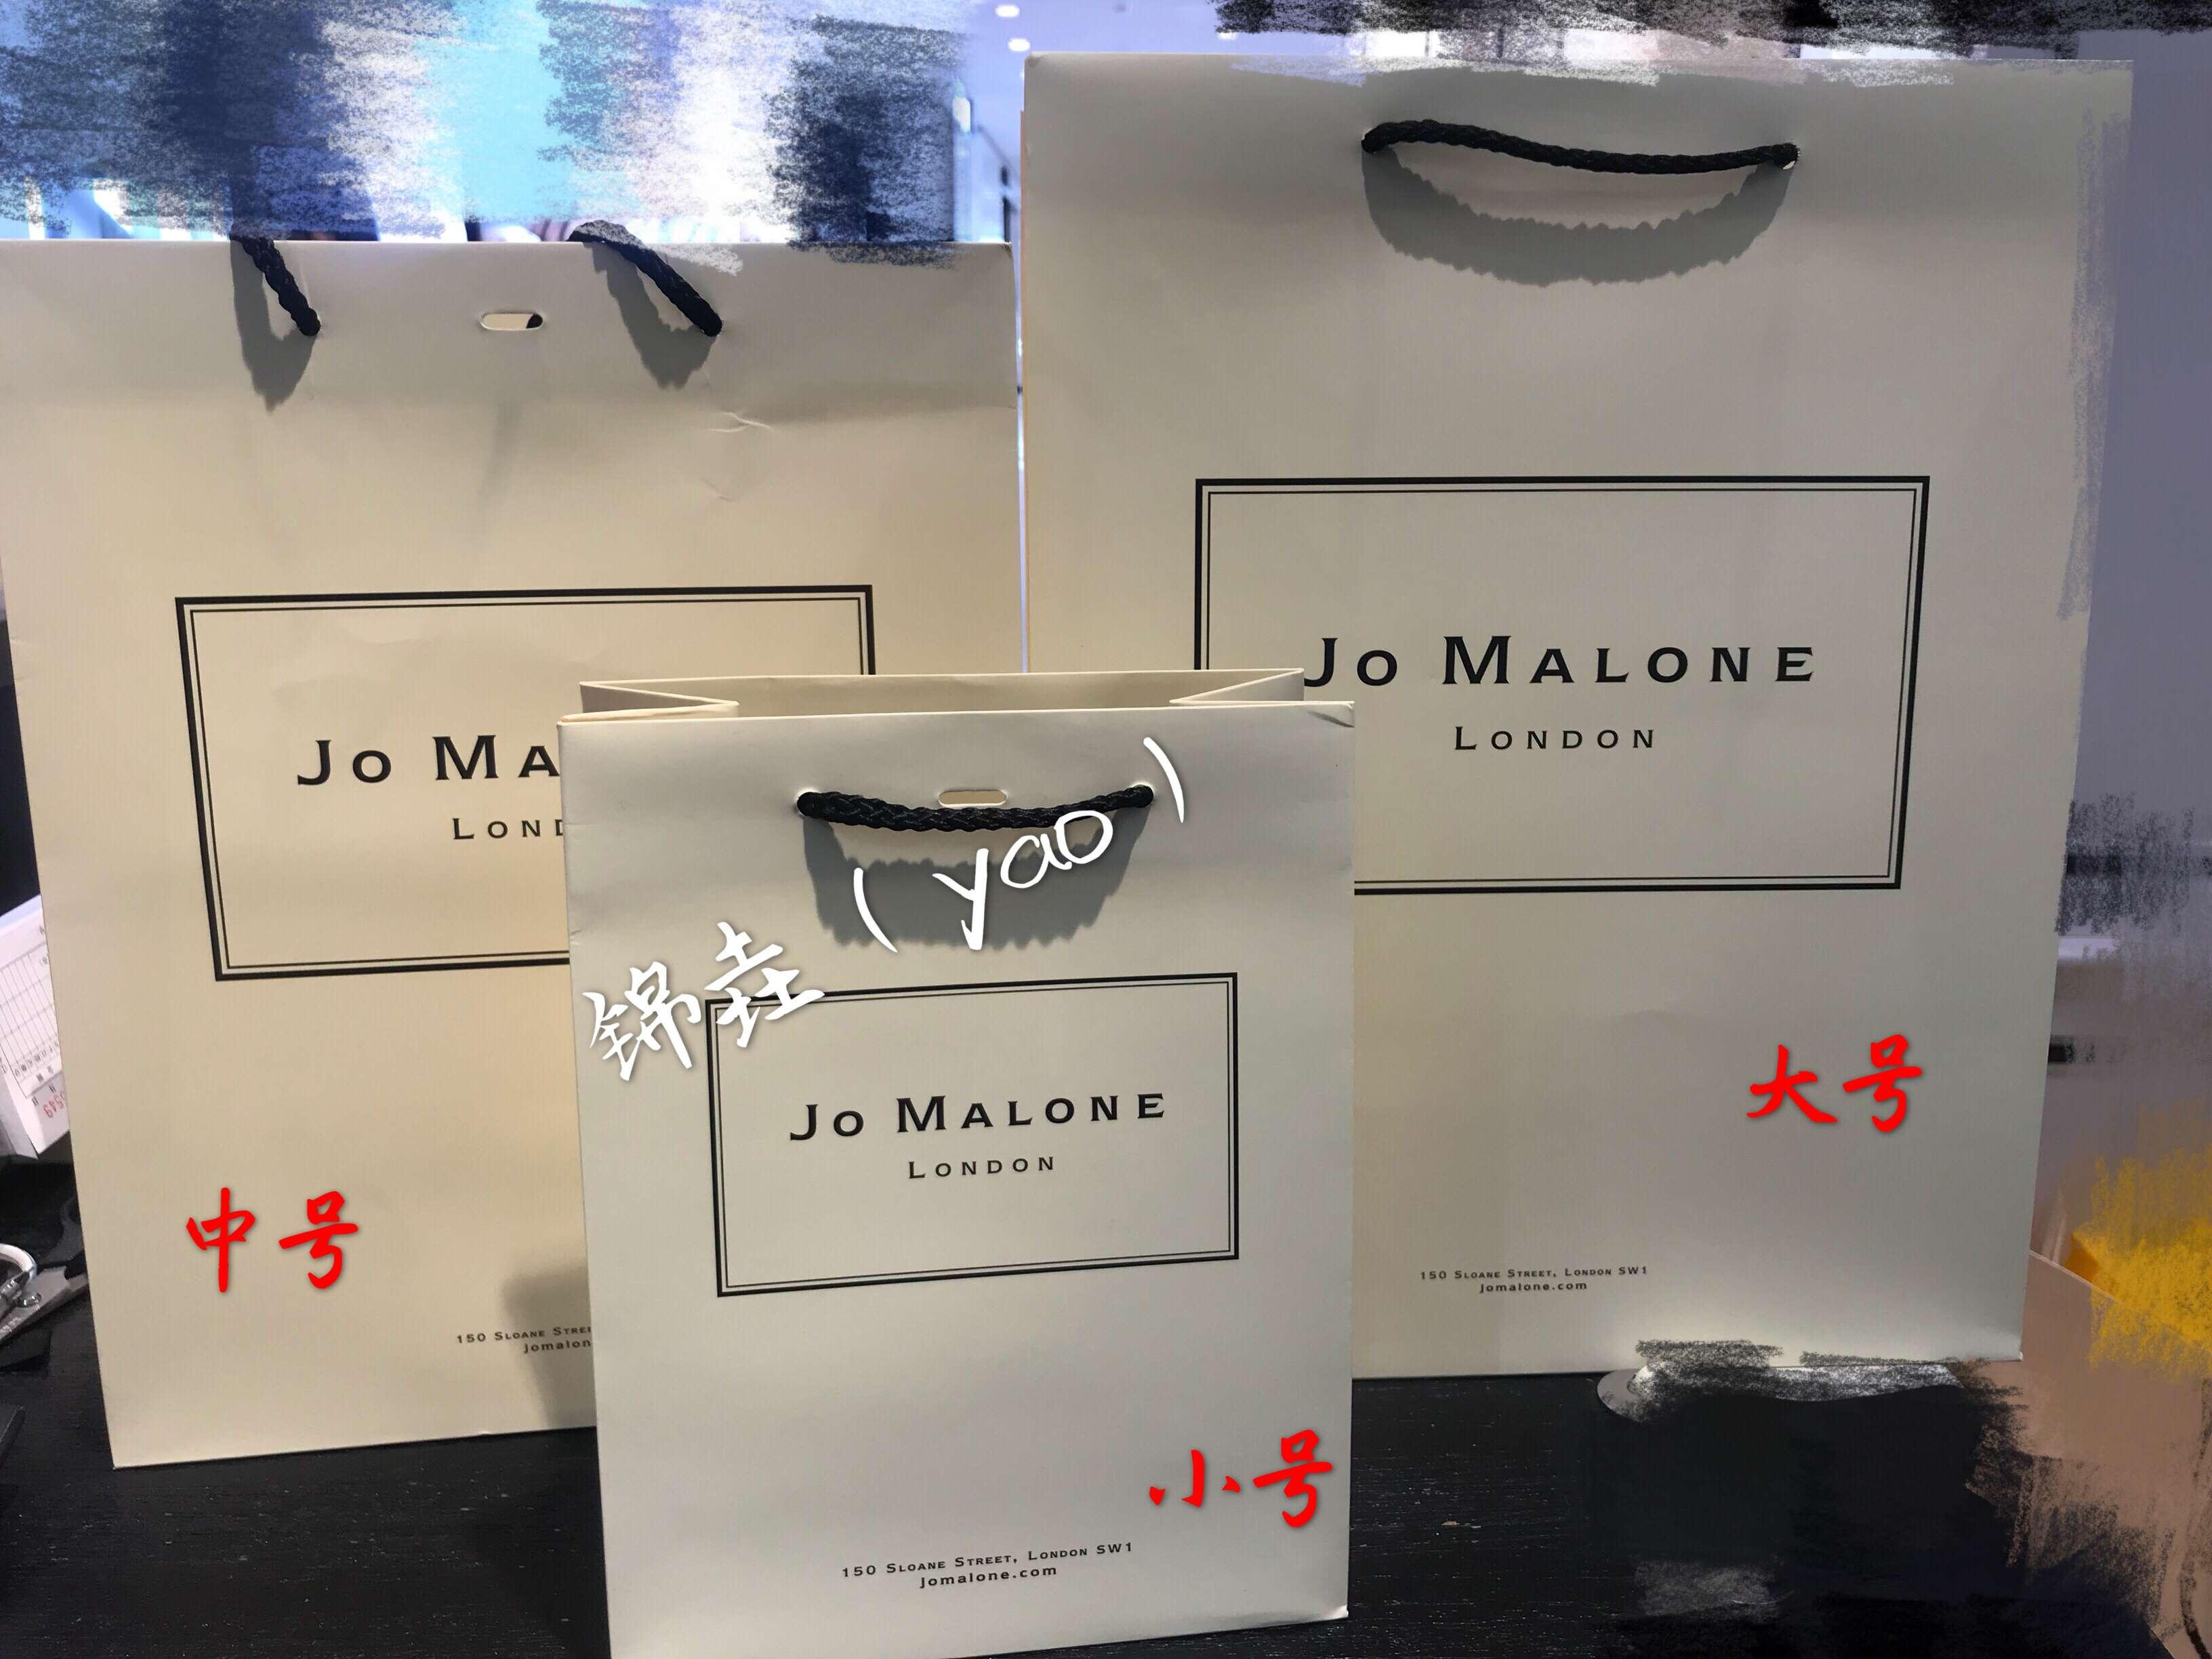 Jo Malone 祖玛珑 专柜纸袋礼品袋 礼盒 单拍不发货